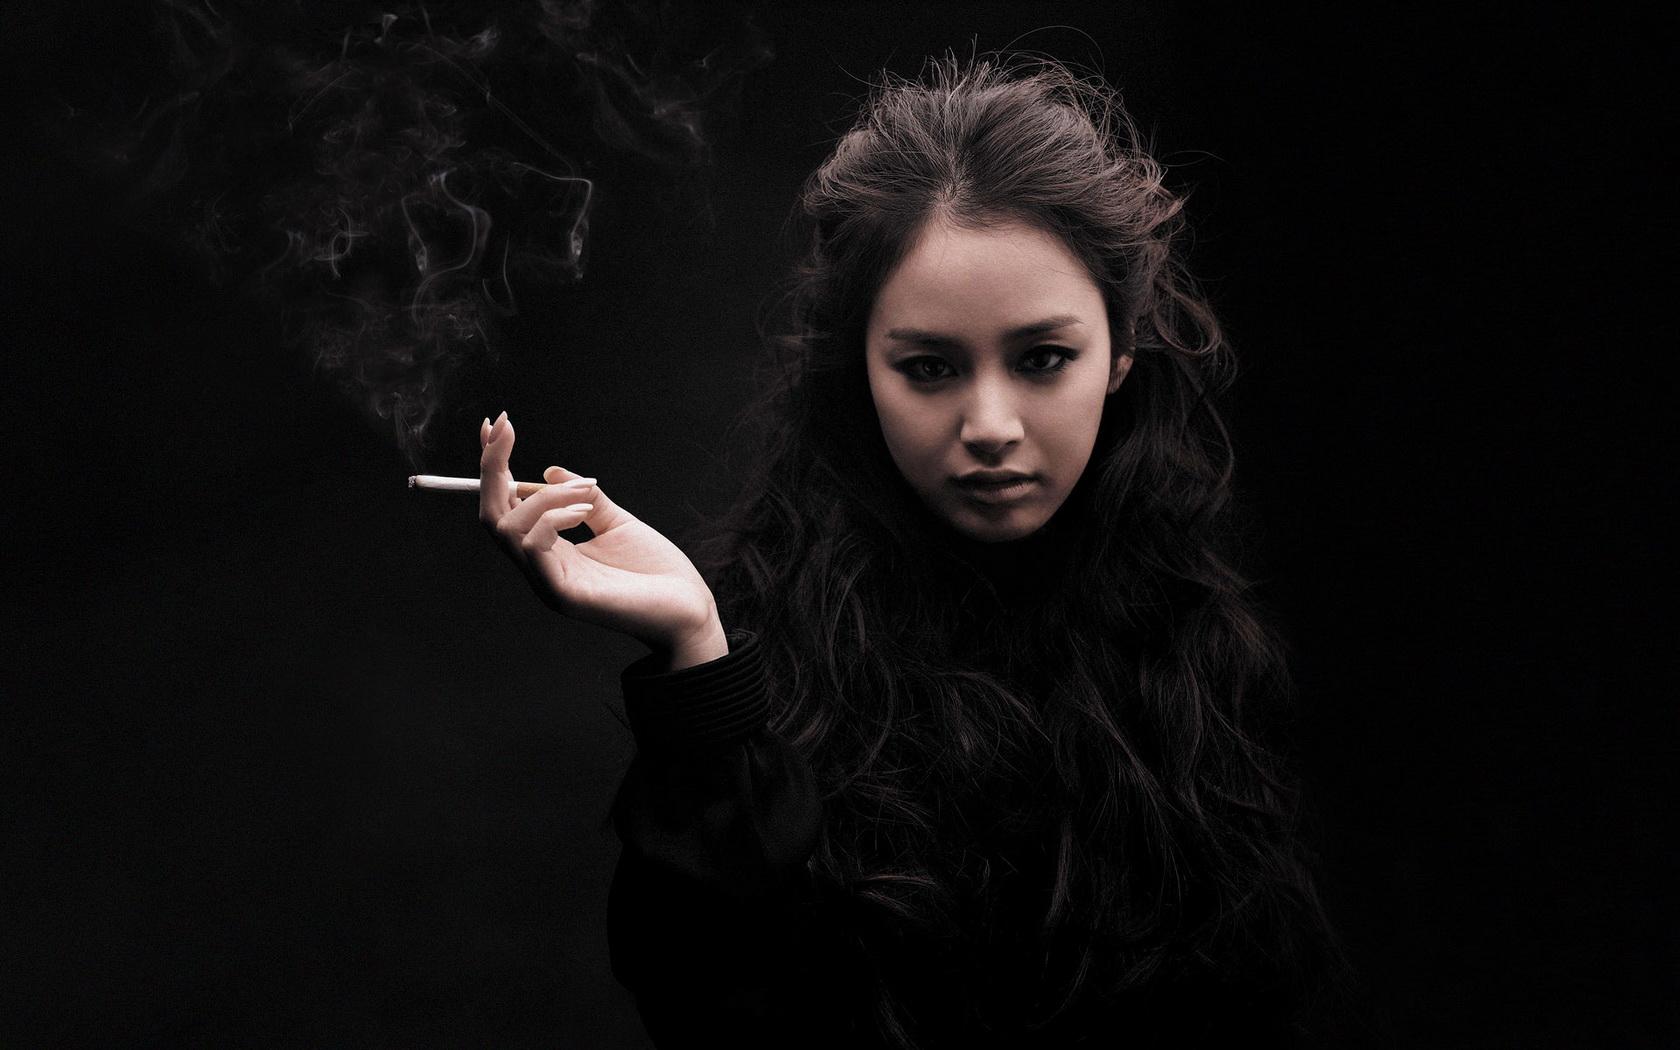 Girl Smoking Wallpaper Wallpapersafari